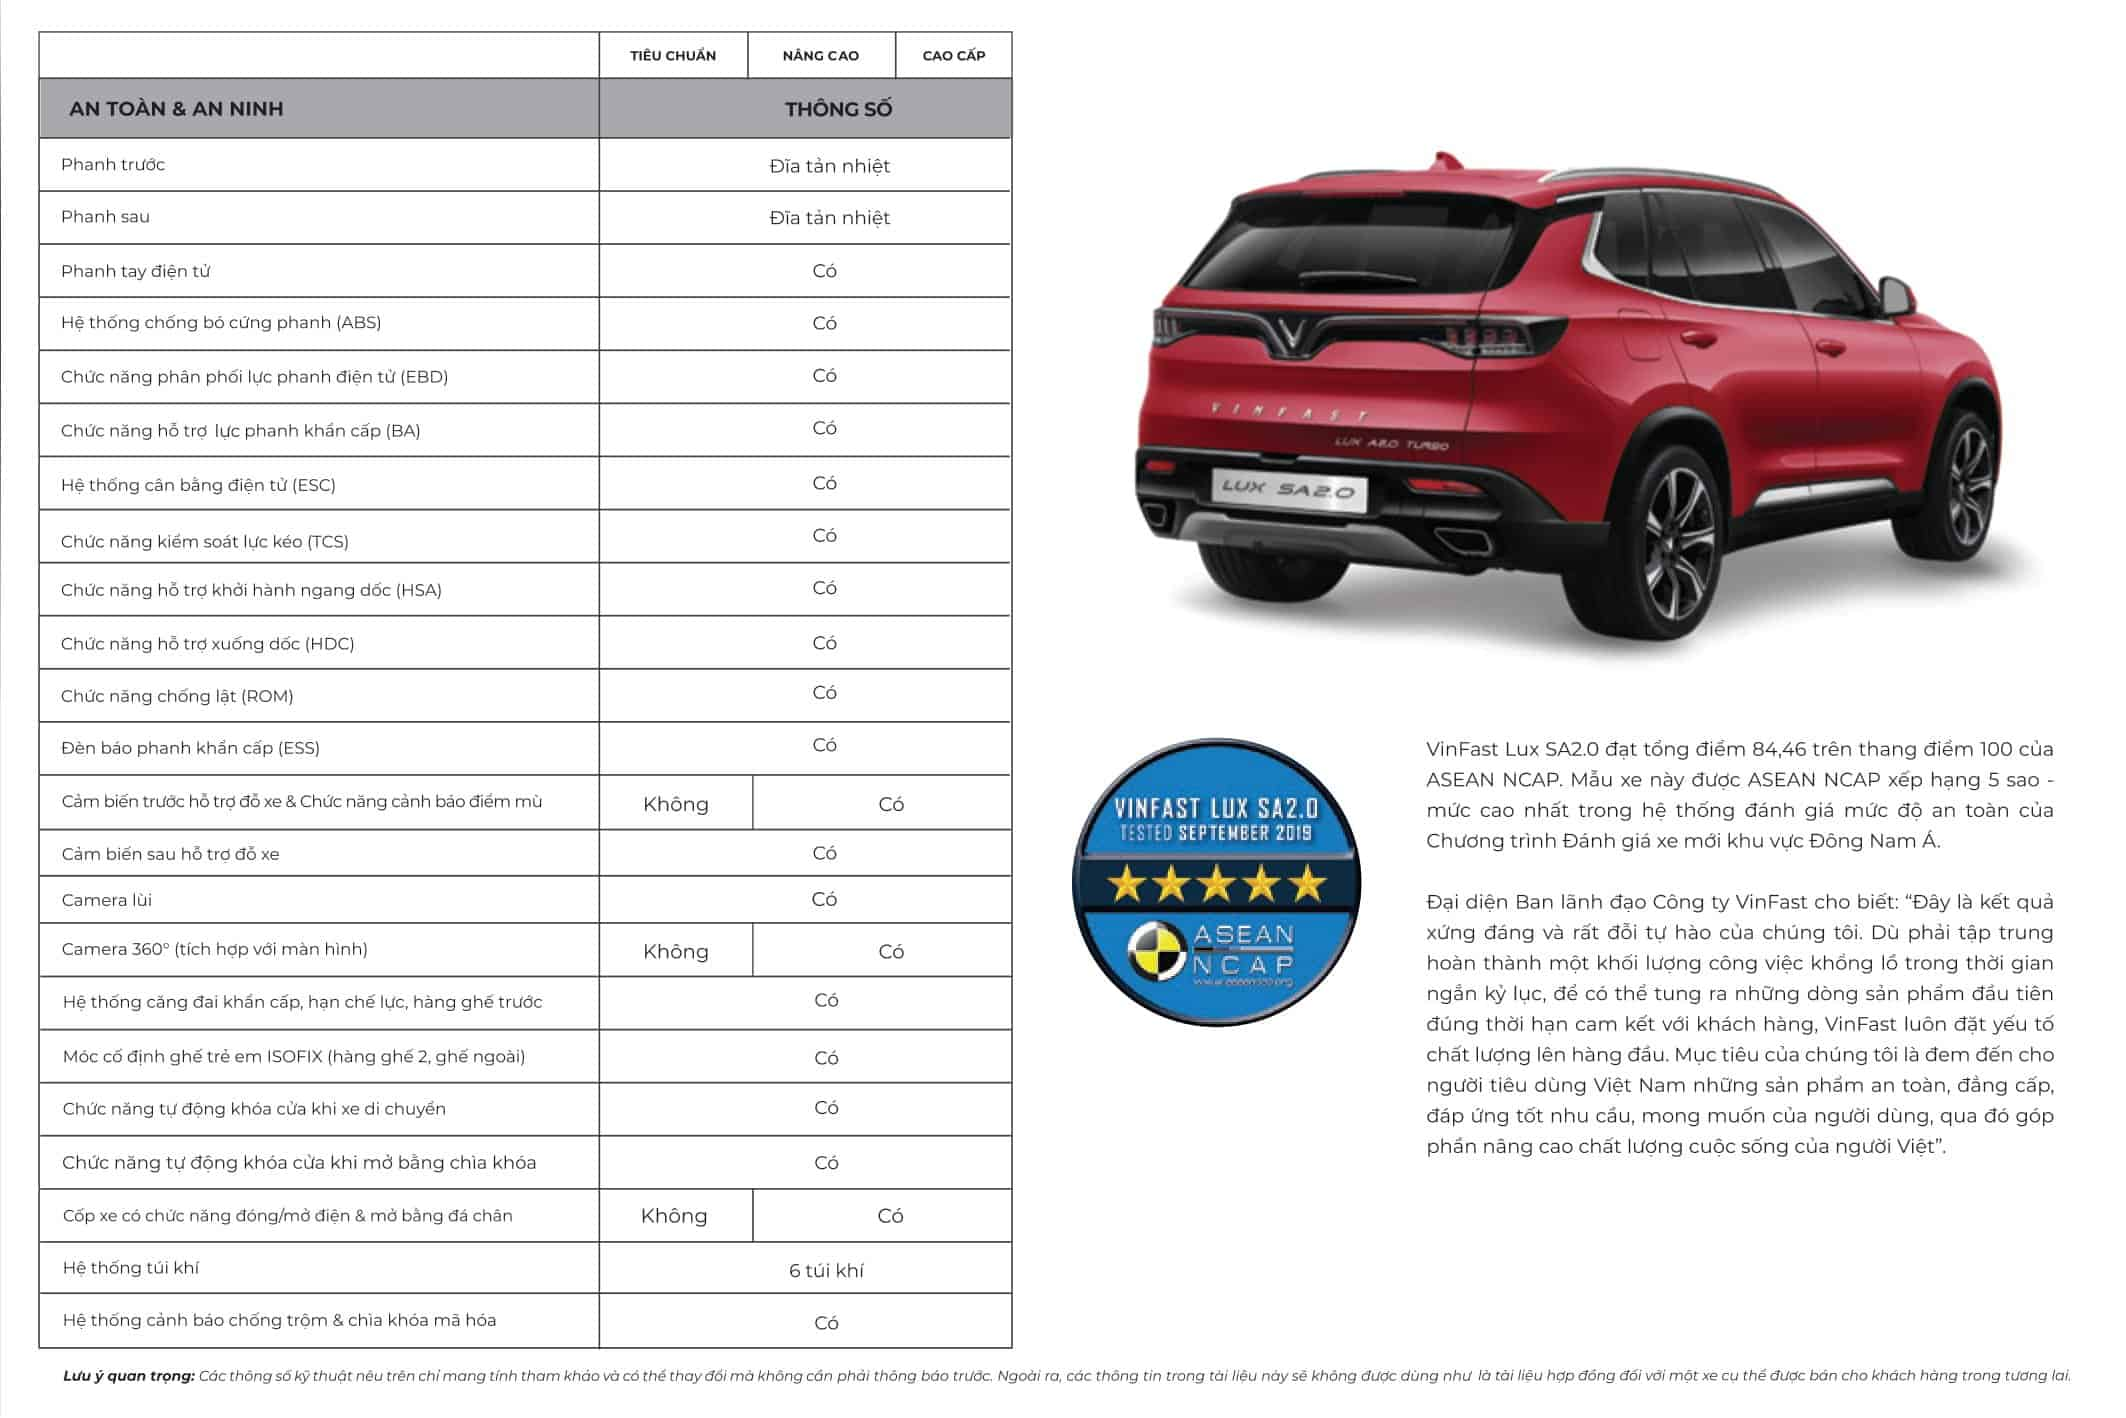 bảng thông số kĩ thuật so sánh các phiên bản của xe VinFast Lux SA2.0